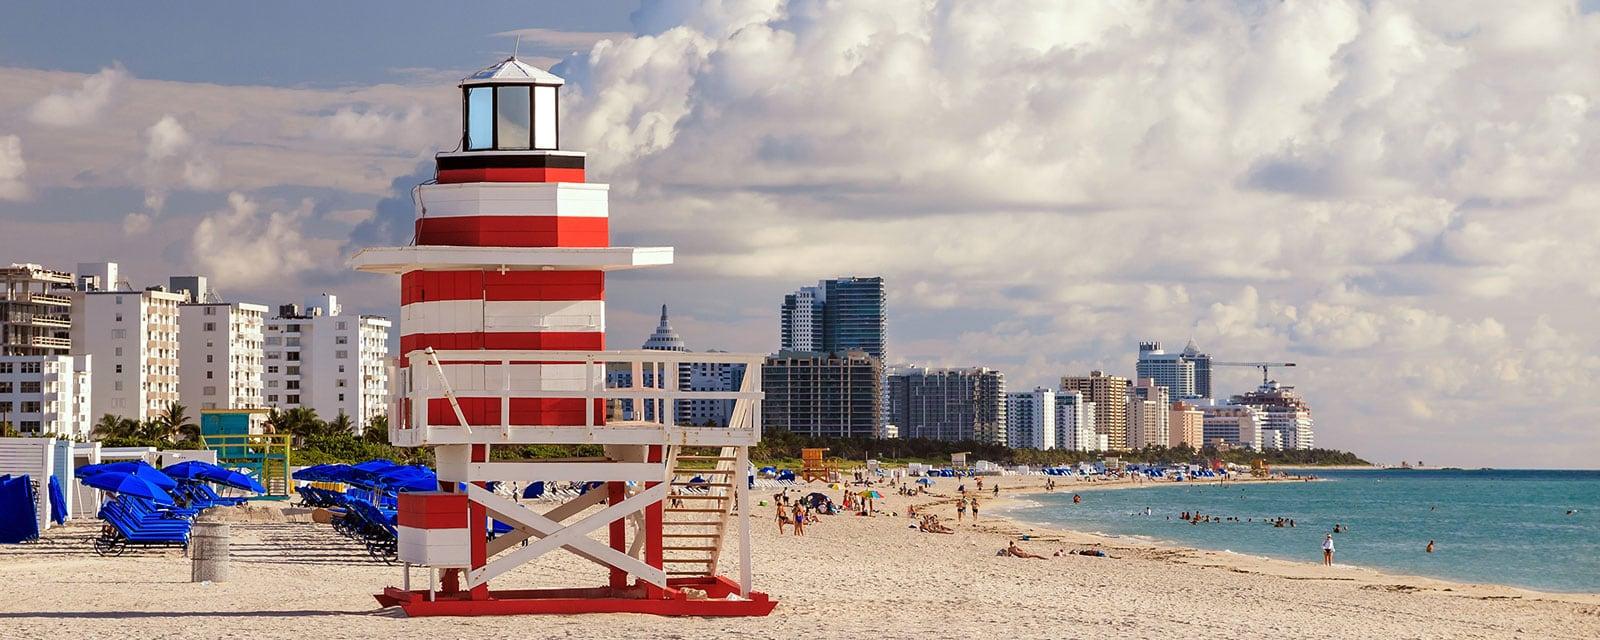 English School in Miami Beach